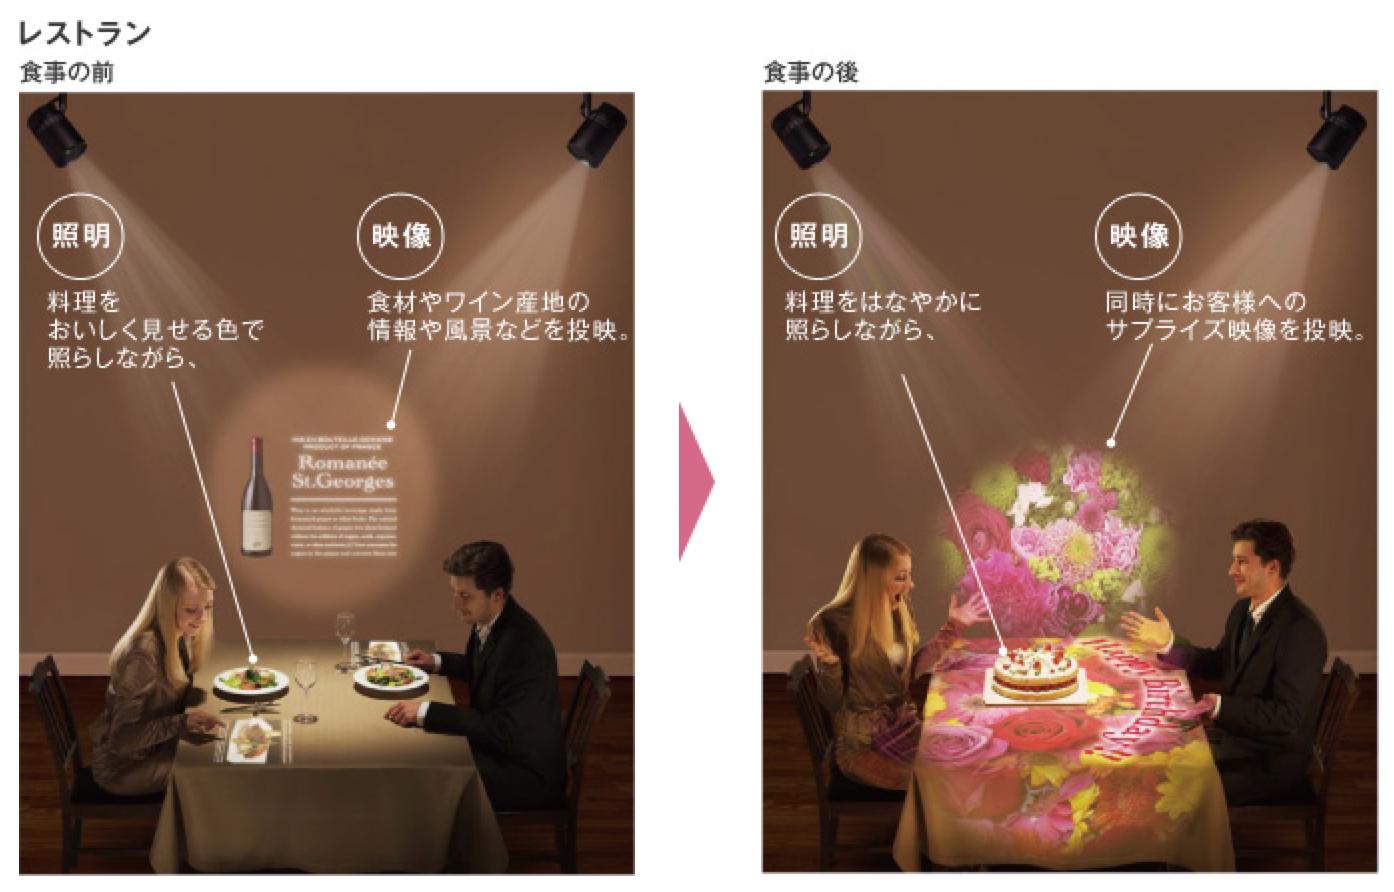 テーブルや皿、壁に映像投影するプロジェクションライティング「Space Player(R)」の新ソリューションビジネスをパナソニックが開始。